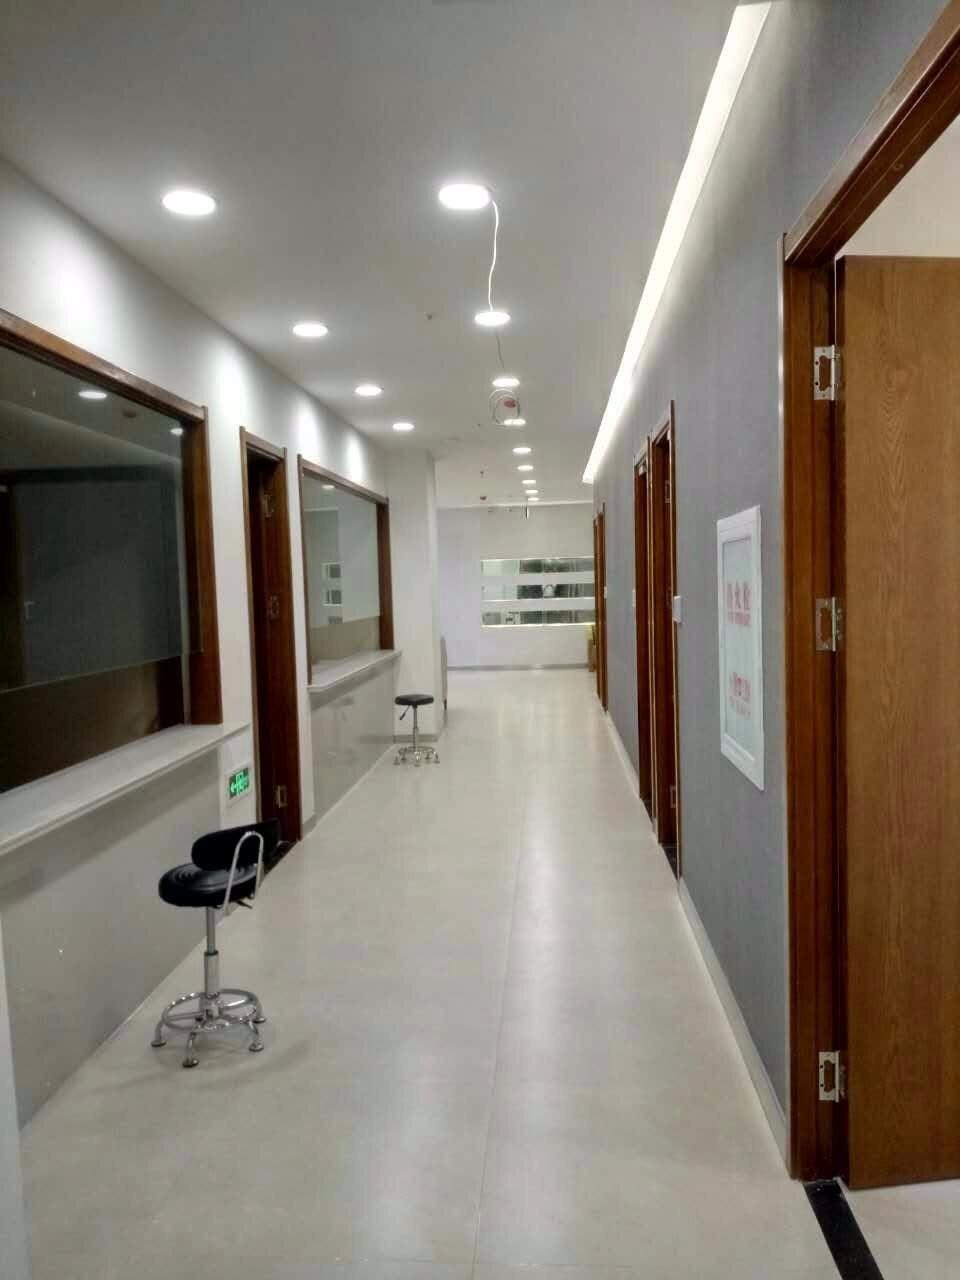 承德整容哪个医院好?最好有活动。